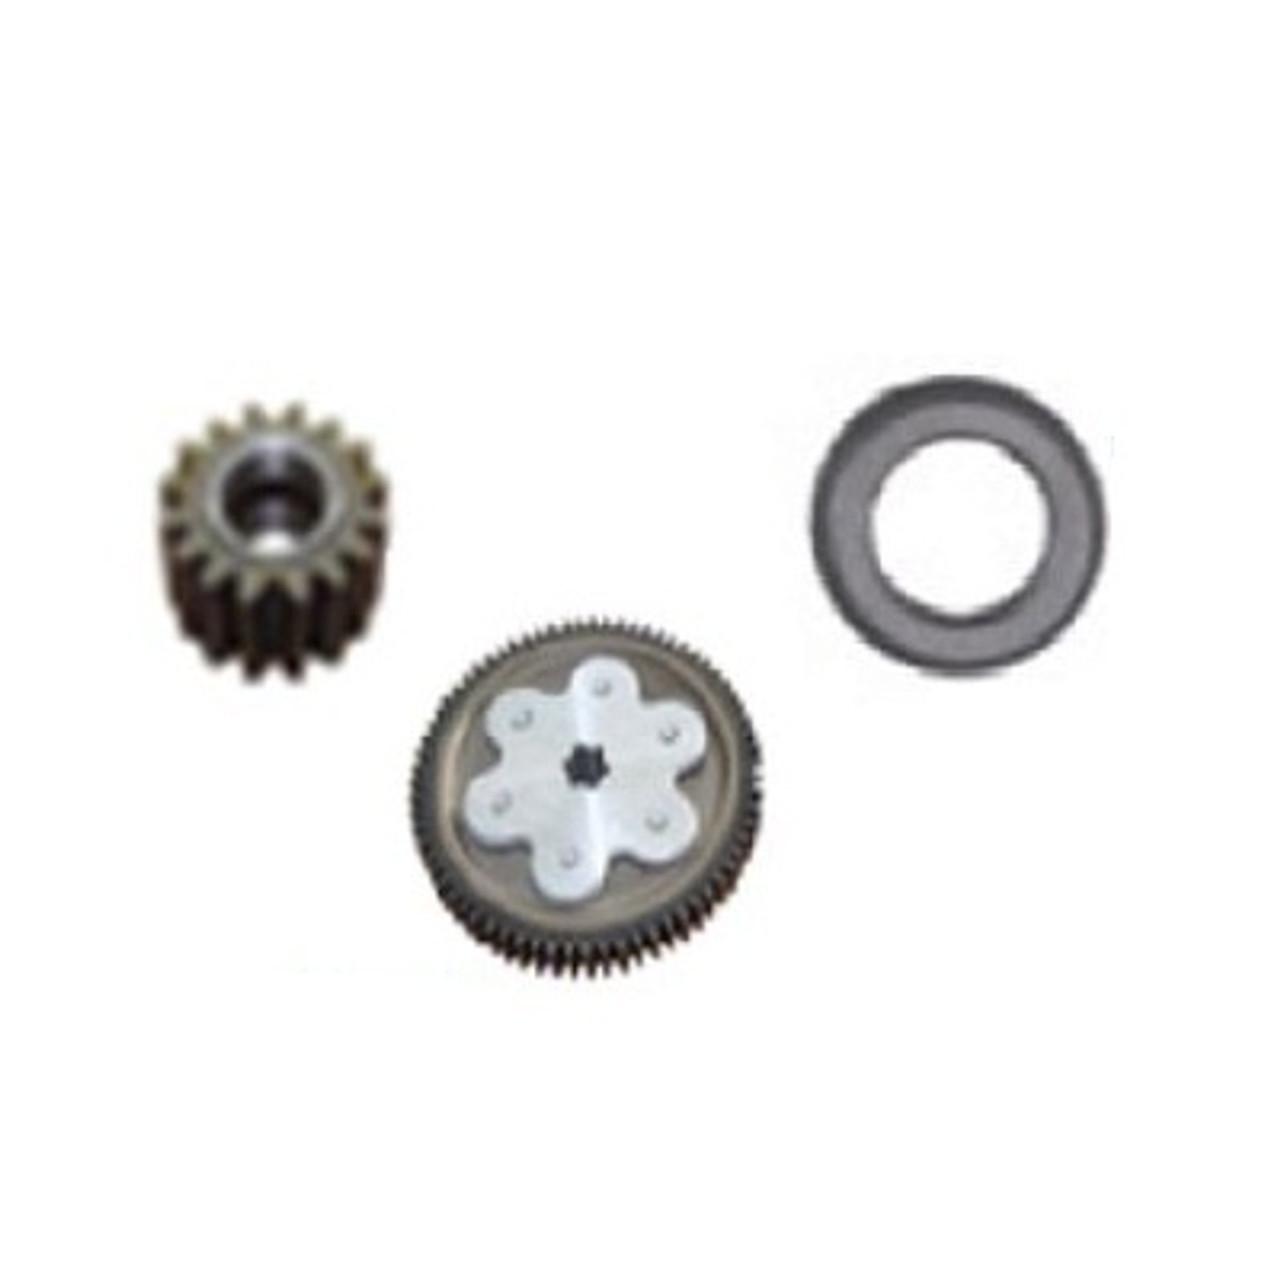 Engine Gear; 17/69 Teeth C50 for ATA 110 B/B1 104464